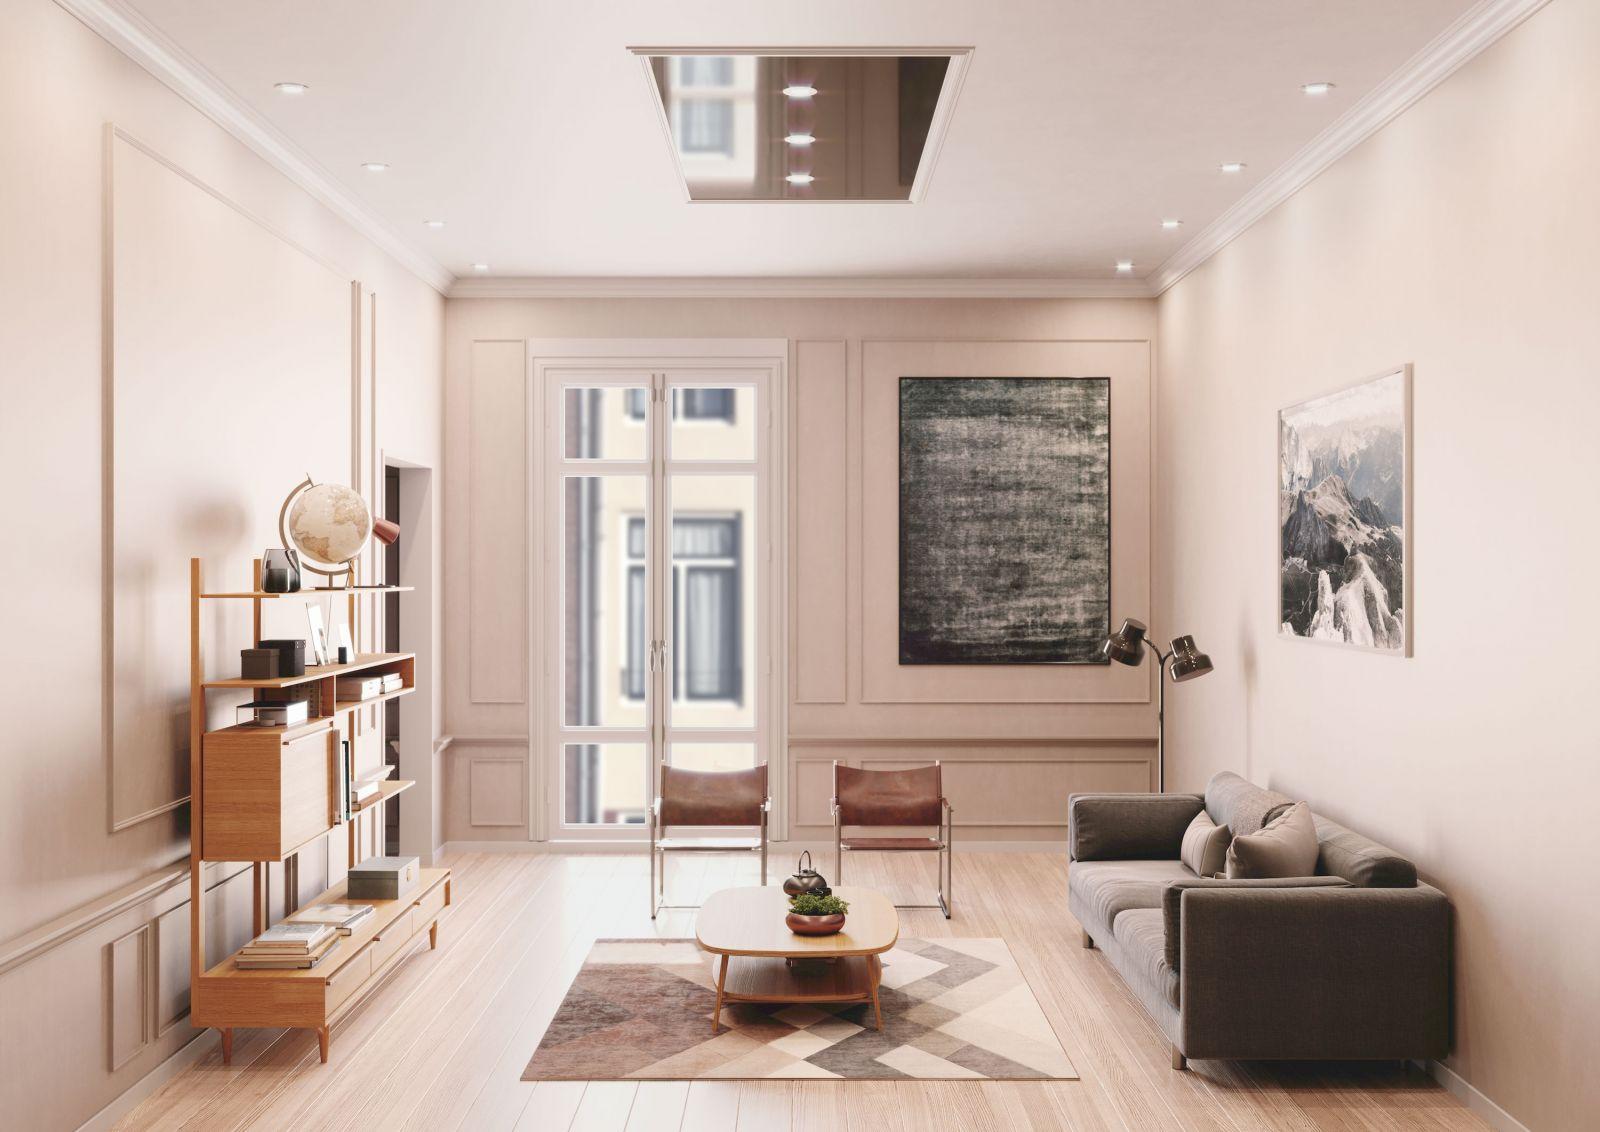 Full Size of Schöne Decken Home Plameco Spanndecken Deckenlampe Bad Led Deckenleuchte Wohnzimmer Küche Deckenleuchten Schlafzimmer Tagesdecken Für Betten Mein Schöner Wohnzimmer Schöne Decken